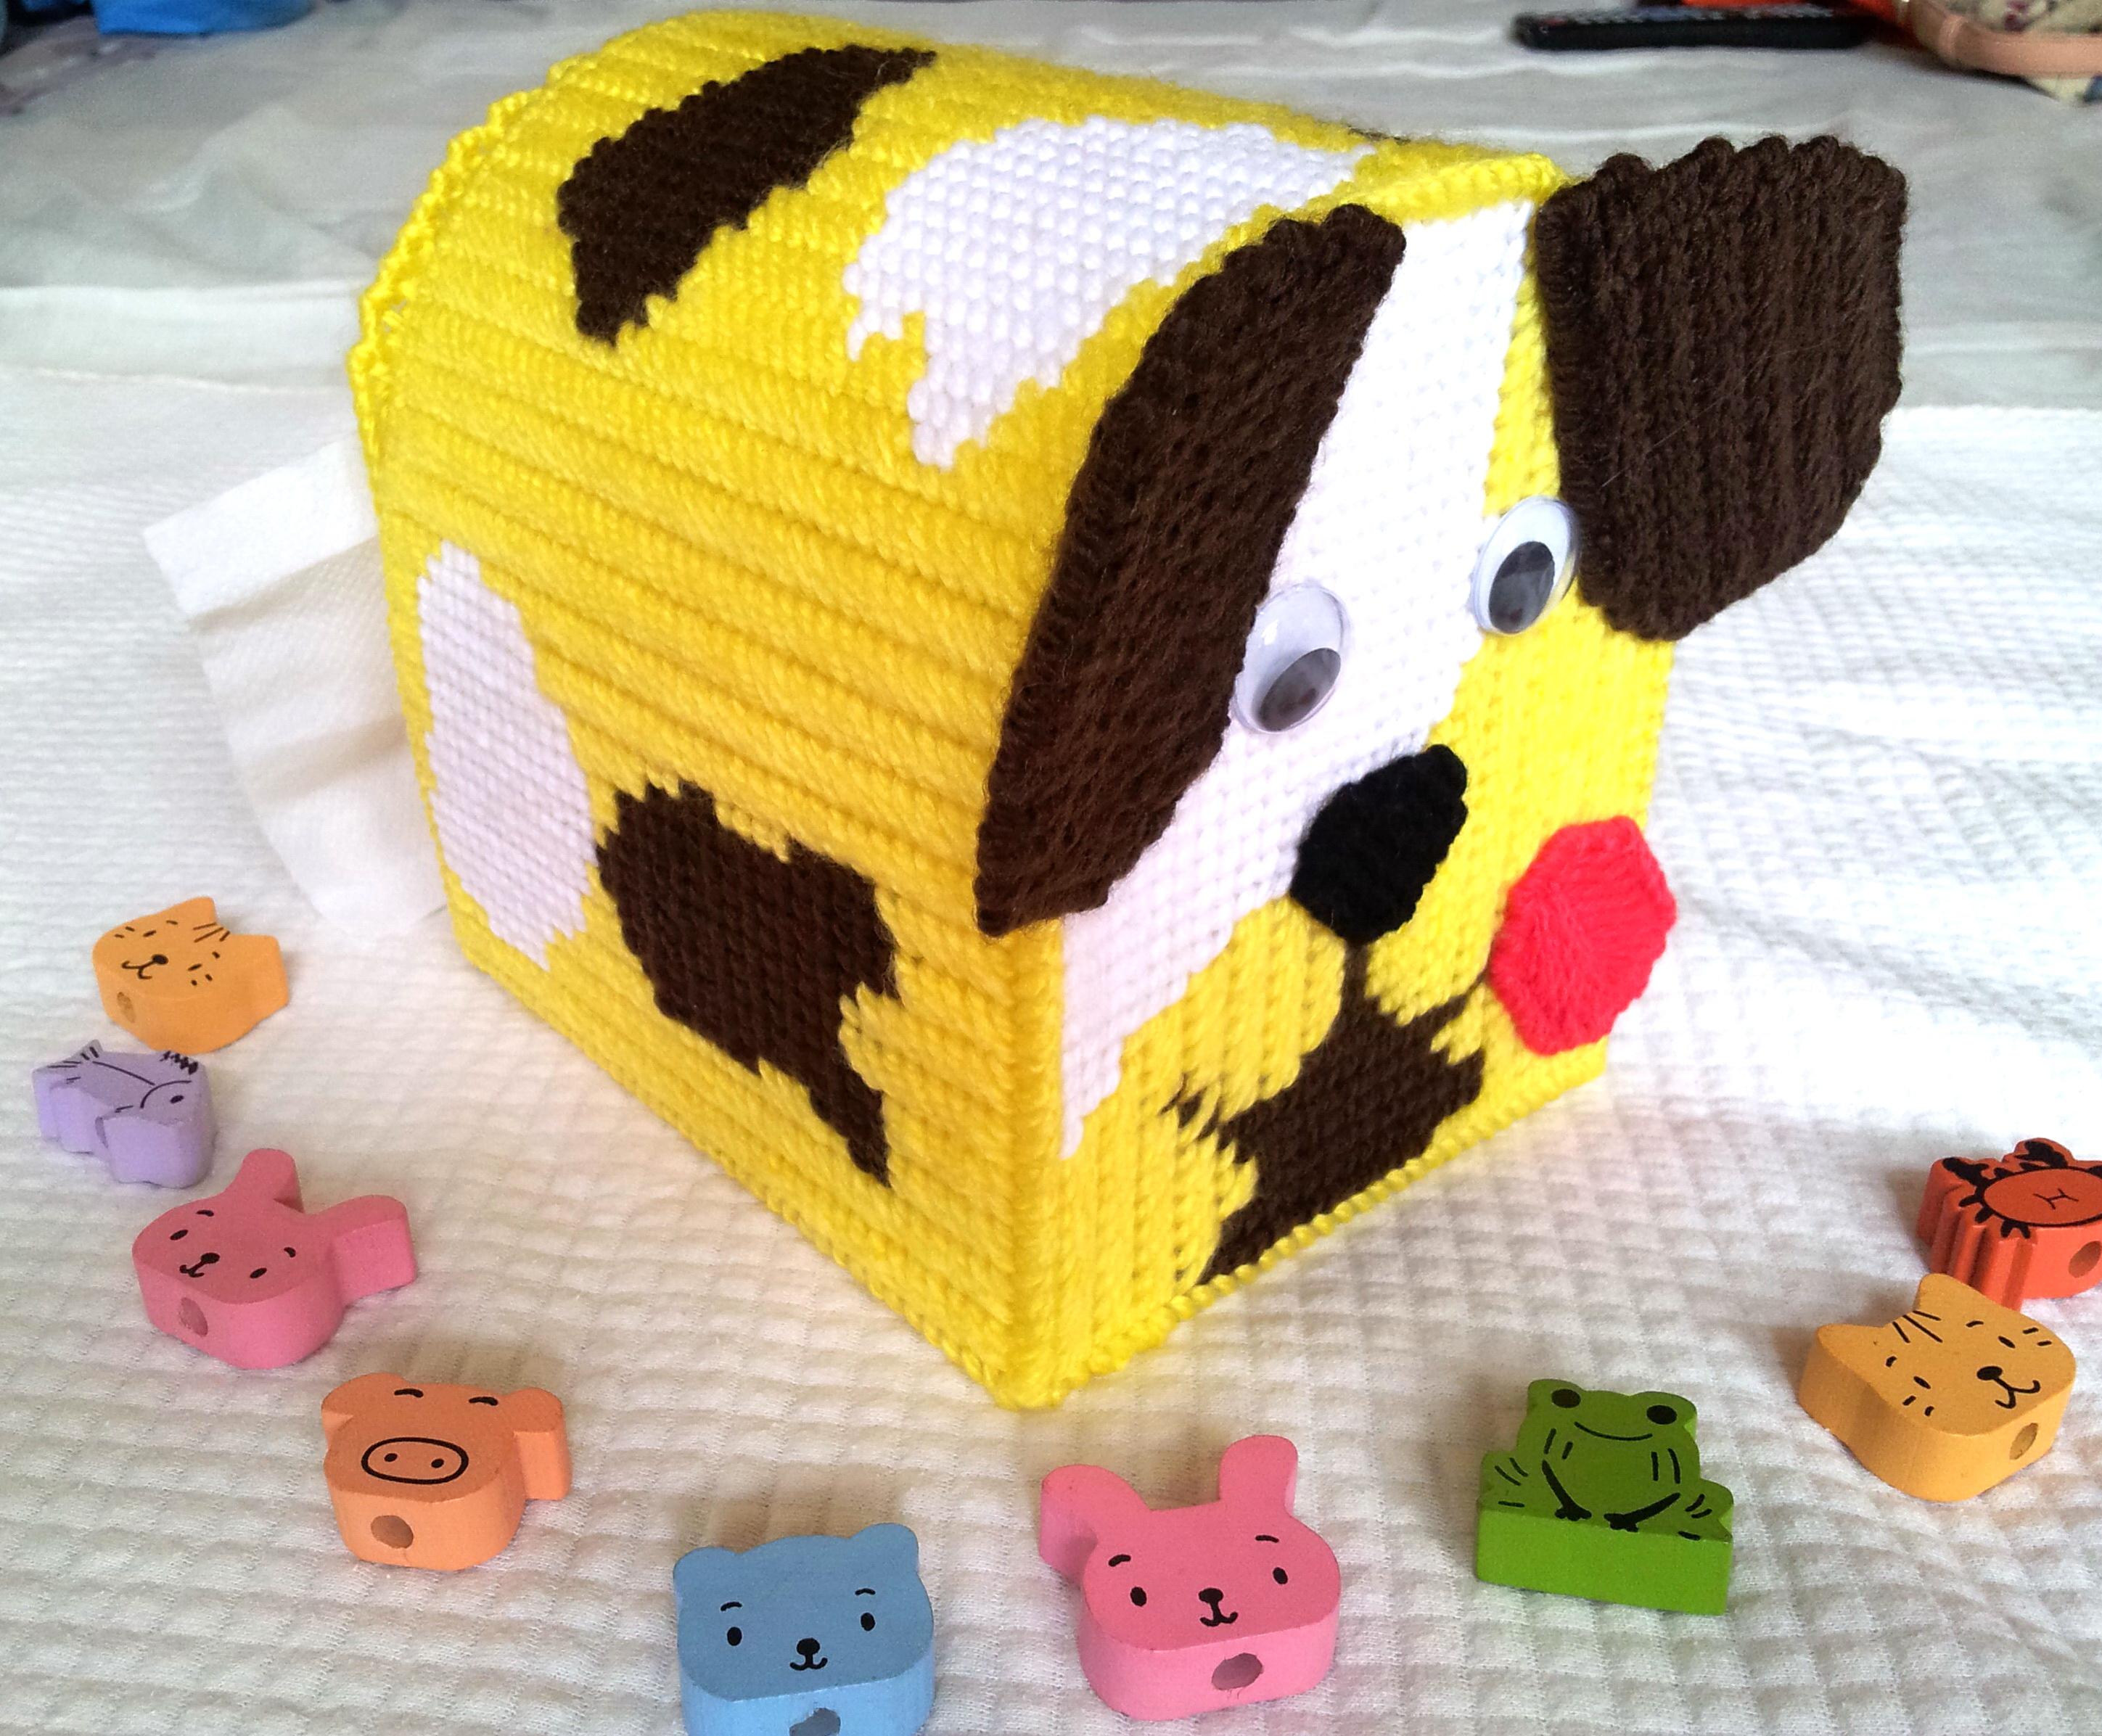 กล่องทิชชูแผ่นเฟรม ลายหมาน้อย สีเหลือง